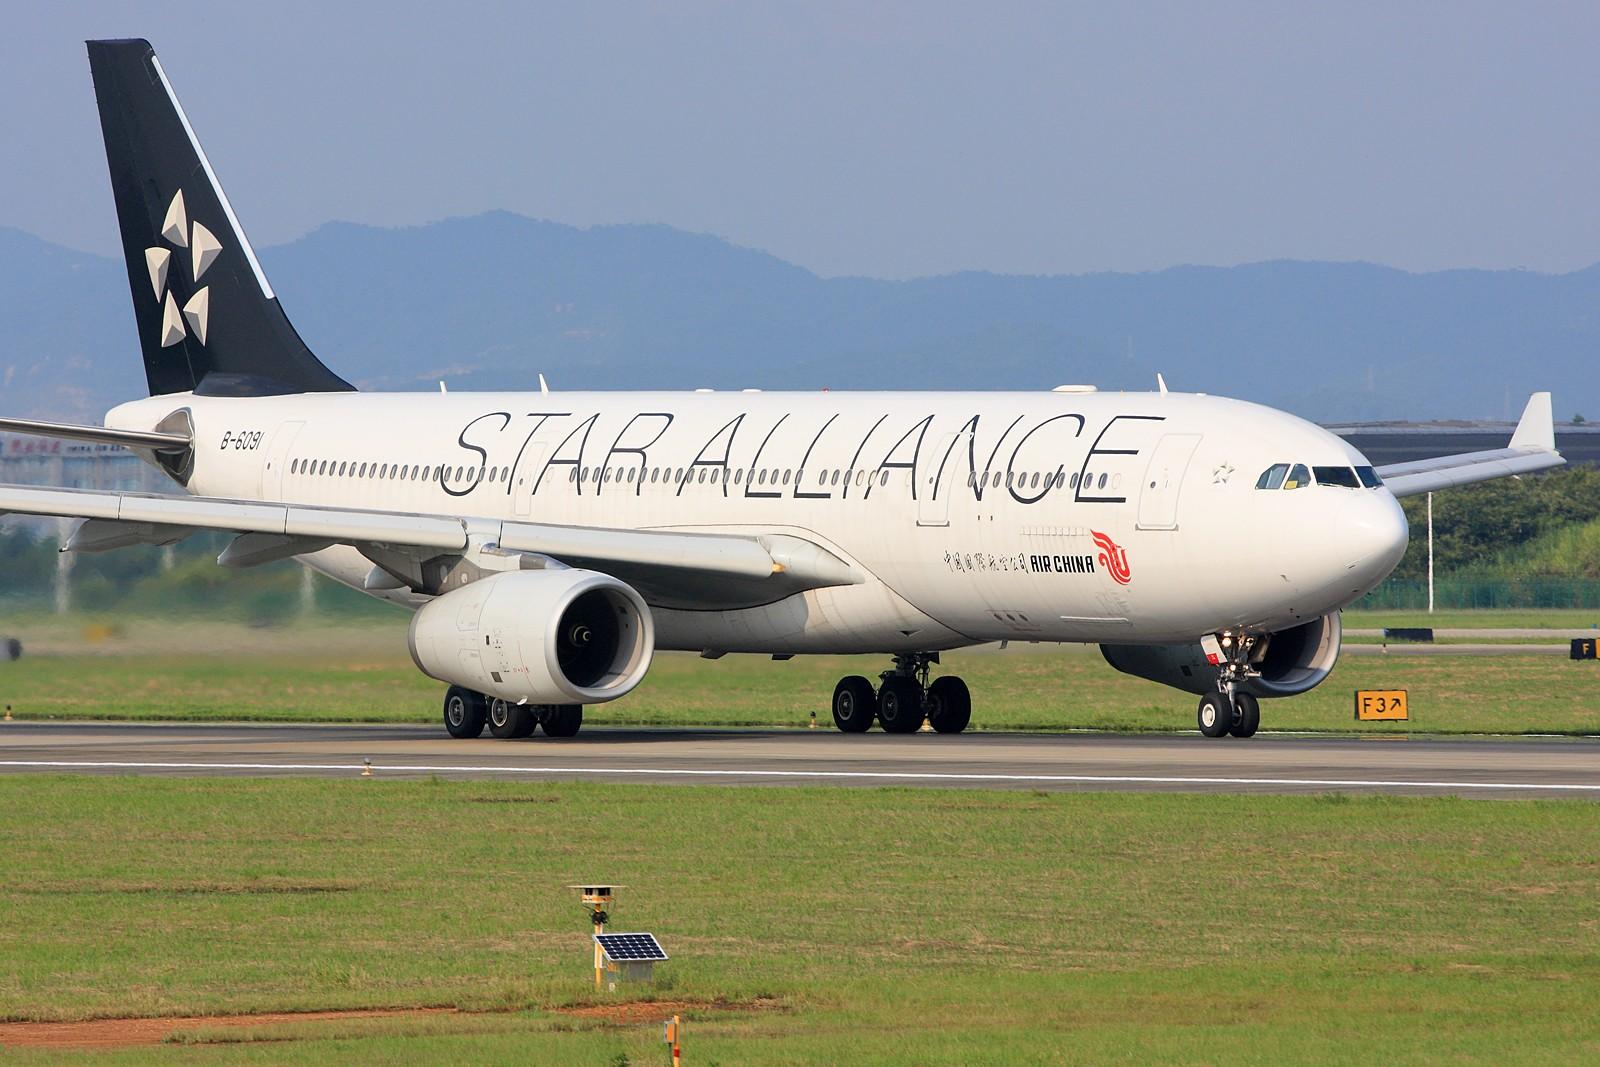 Re:[原创]【深圳飞友会】拍飞机的苦与乐,劳动成果与大家分享!10张图全部1600×1067奉献。QR773 CA大猩猩 钢管 小姨 最后2张起飞角度还是不错的! AIRBUS A330-200 B-6091 中国广州白云机场